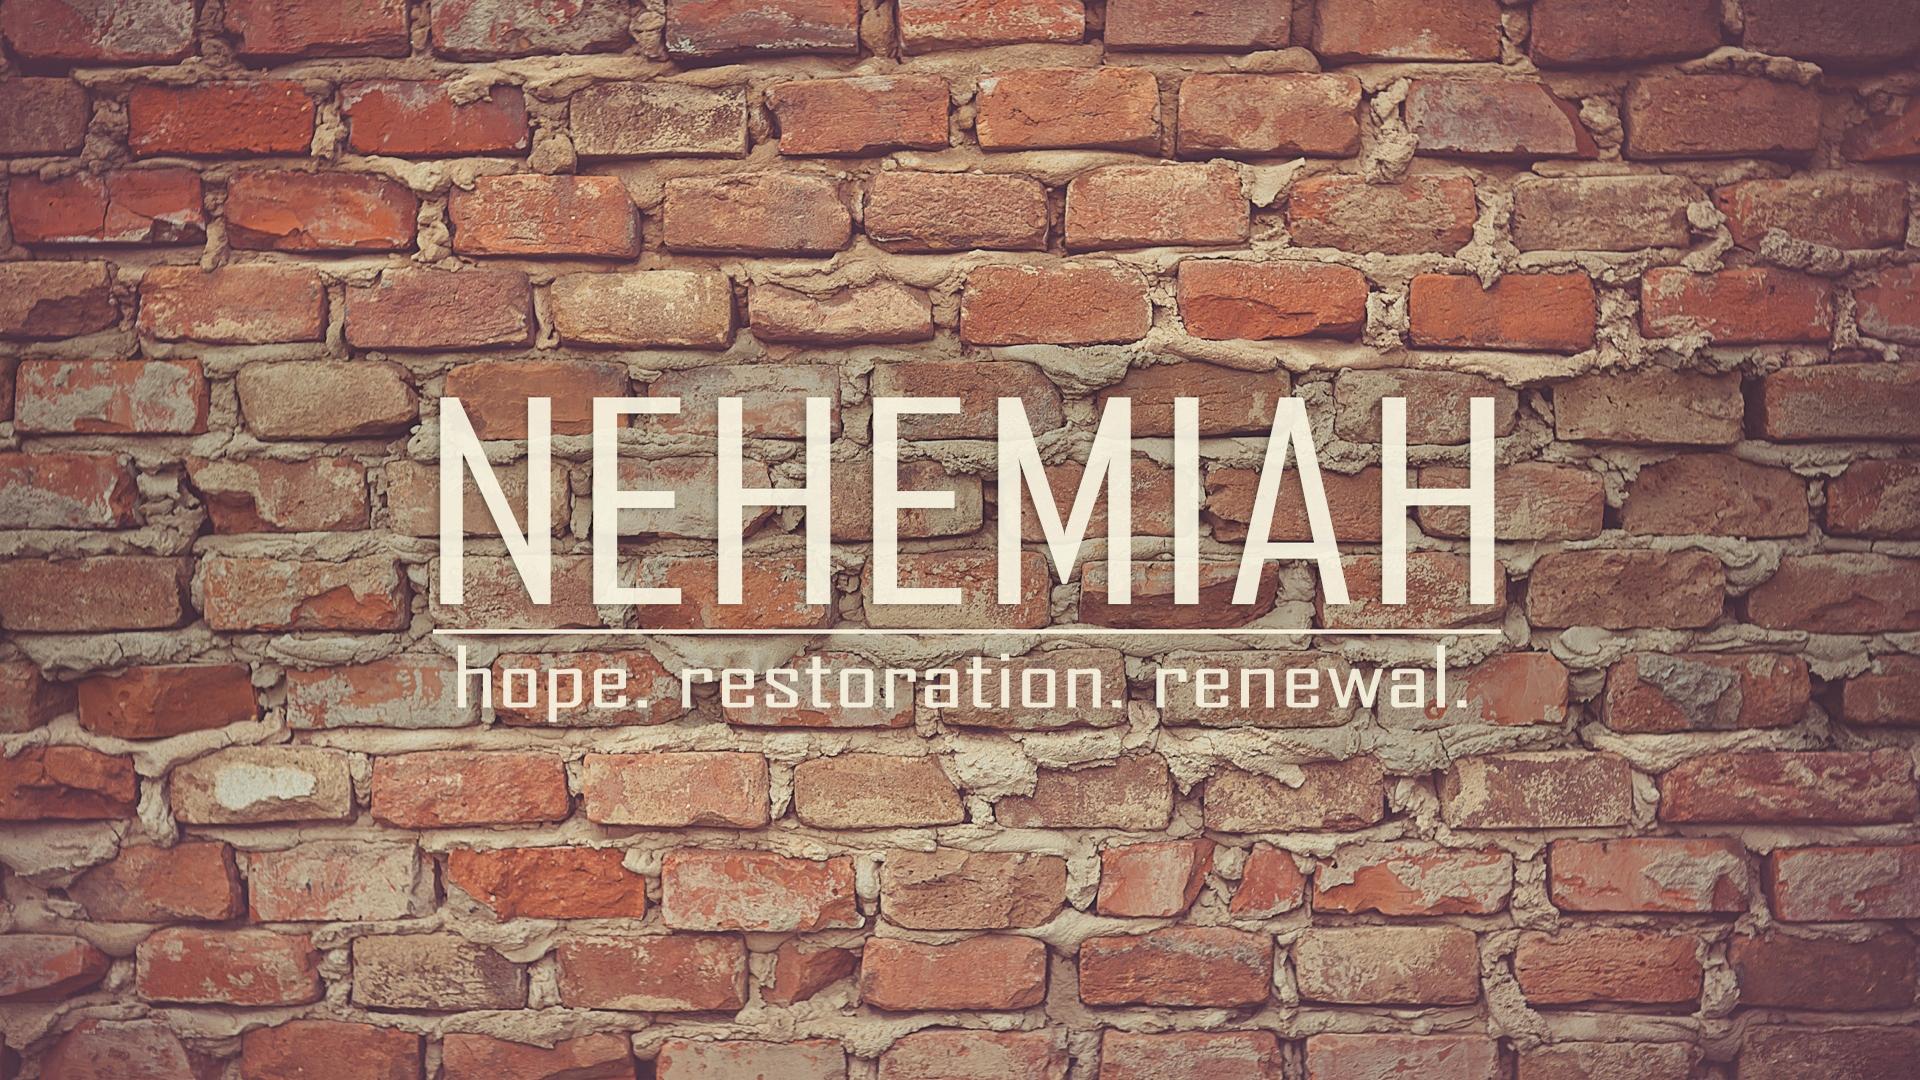 Nehemiah: Hope. Restoration. Renewal (2016)